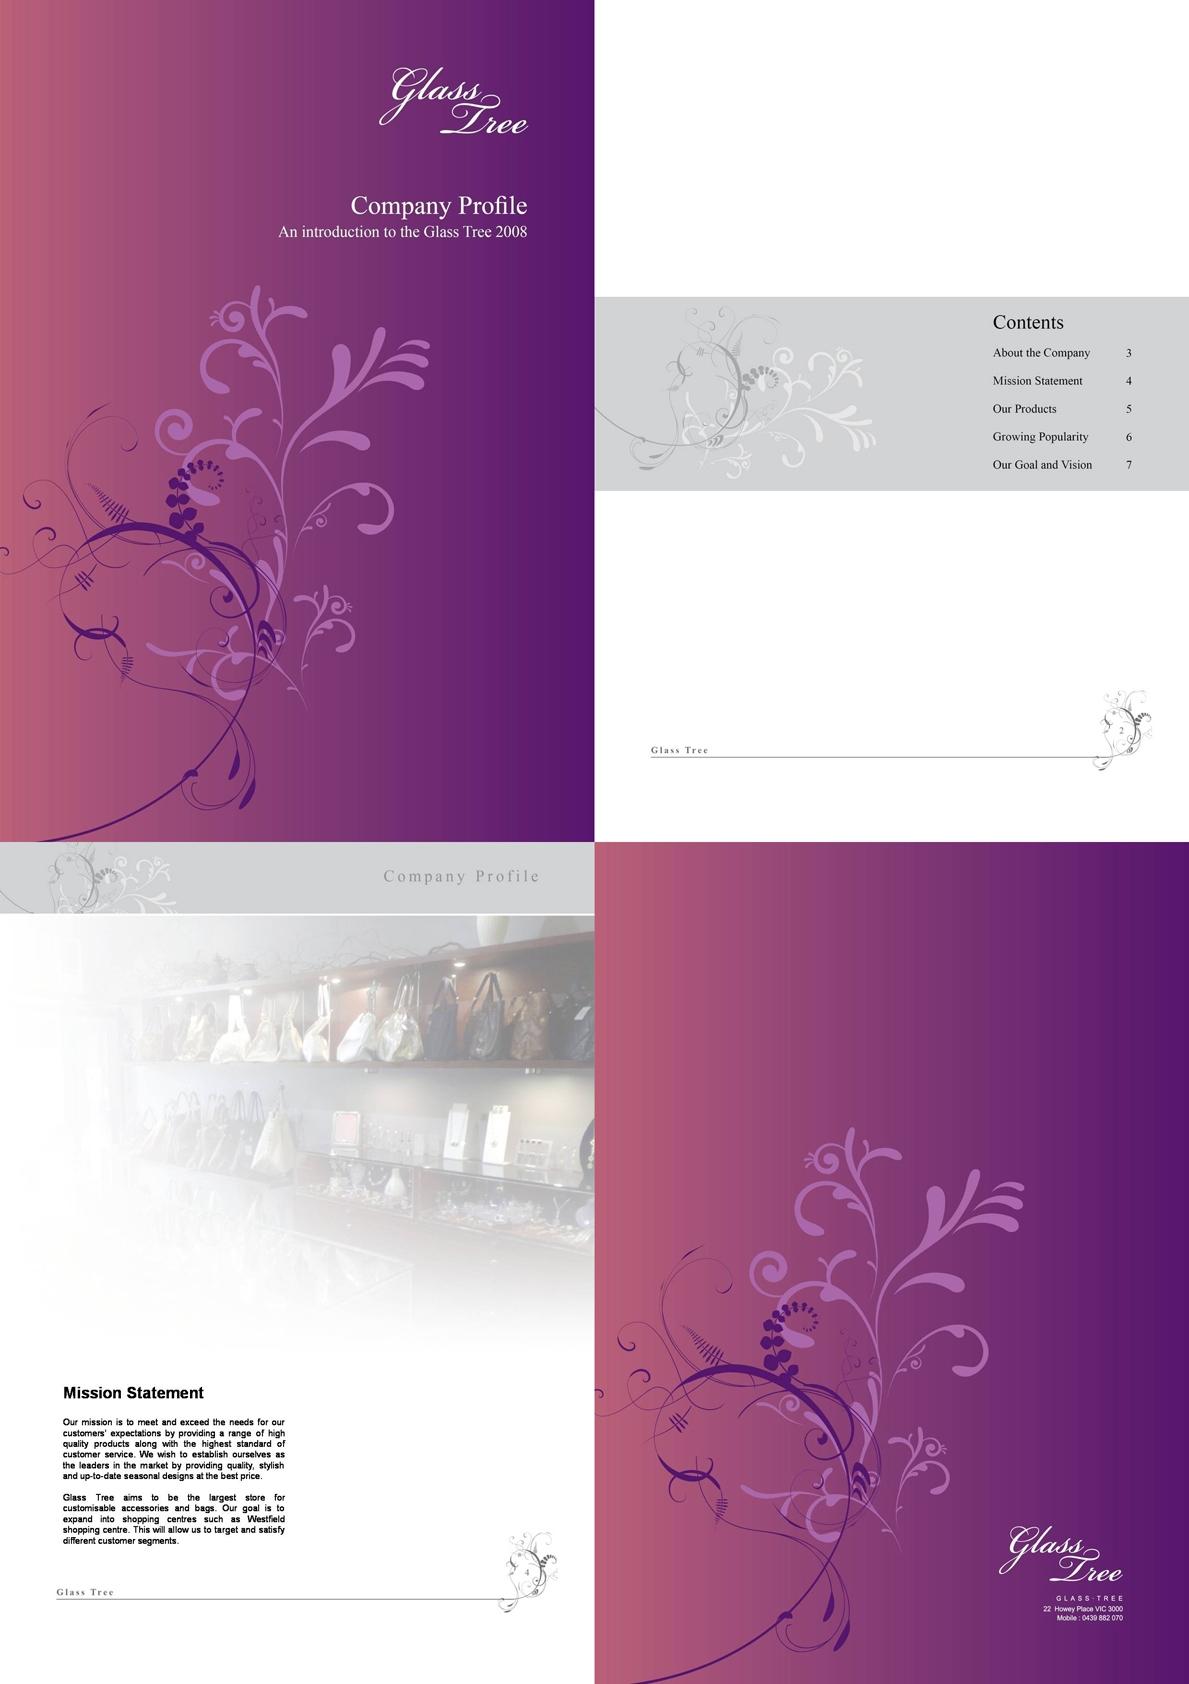 GlassTree Brochure designed by Korean Design